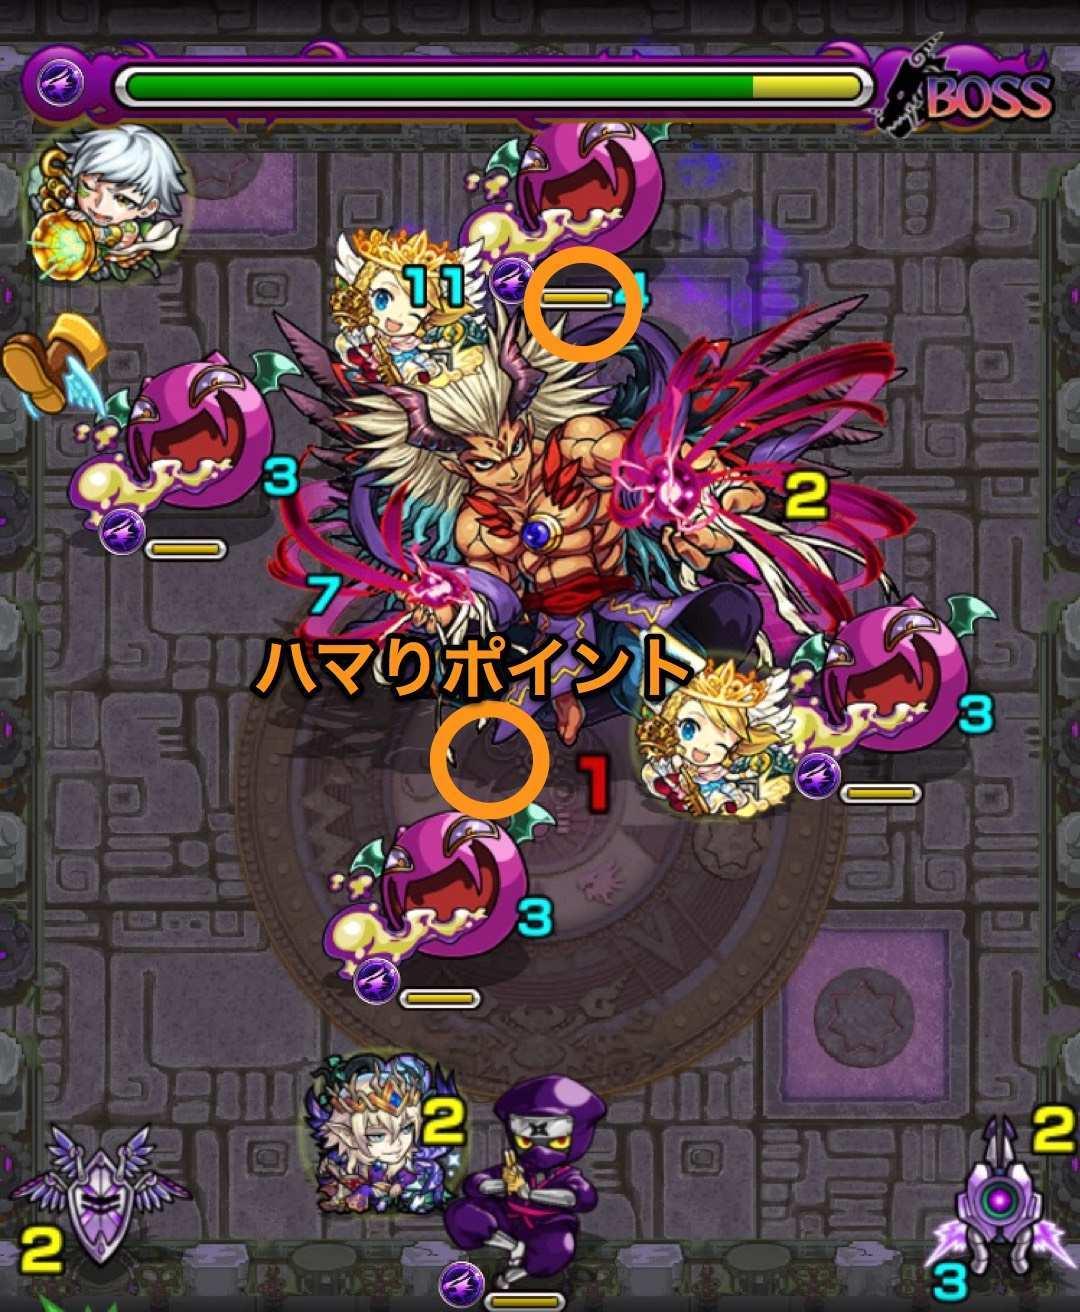 闇時ボス第3ステージ.jpg